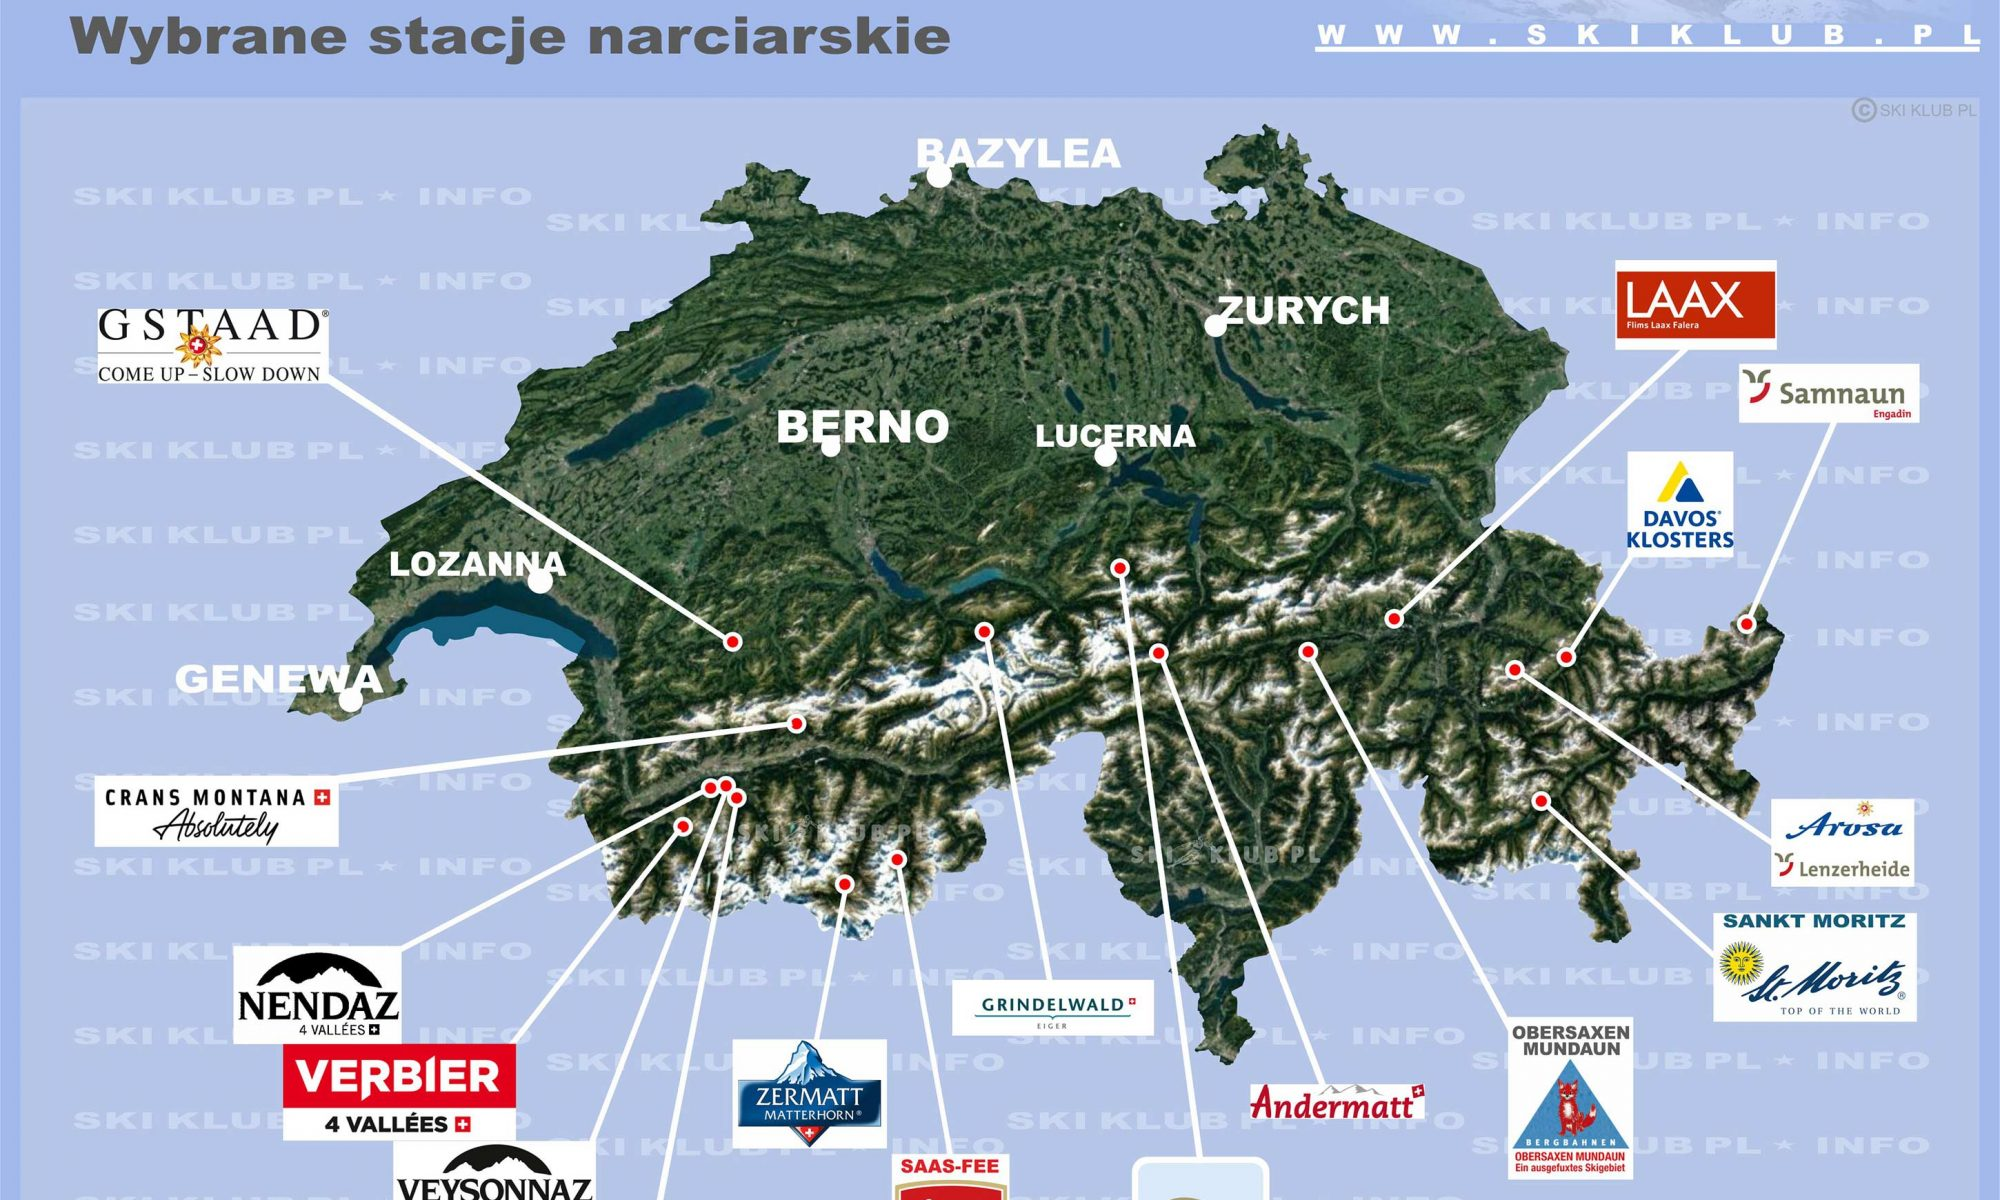 Stacje narciarskie w Szwajcarii